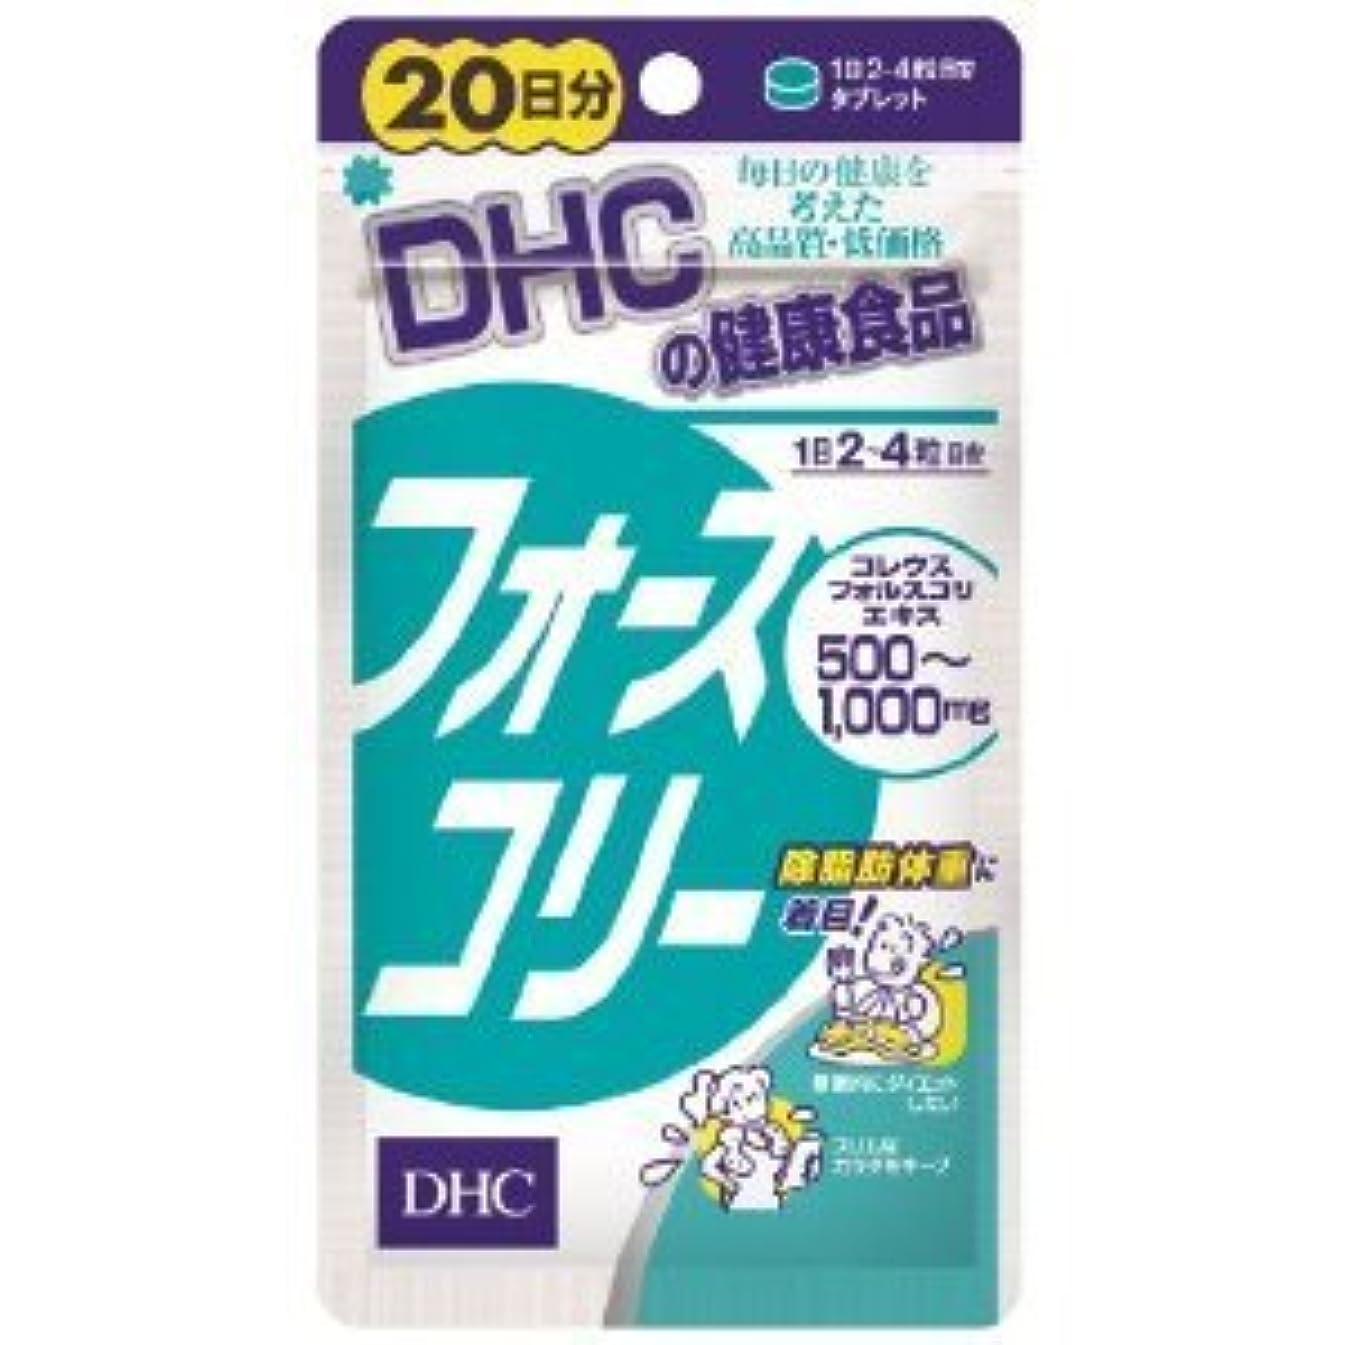 機械的にライド目覚めるDHC フォースコリー 80粒 20日分 賞味期限 201604